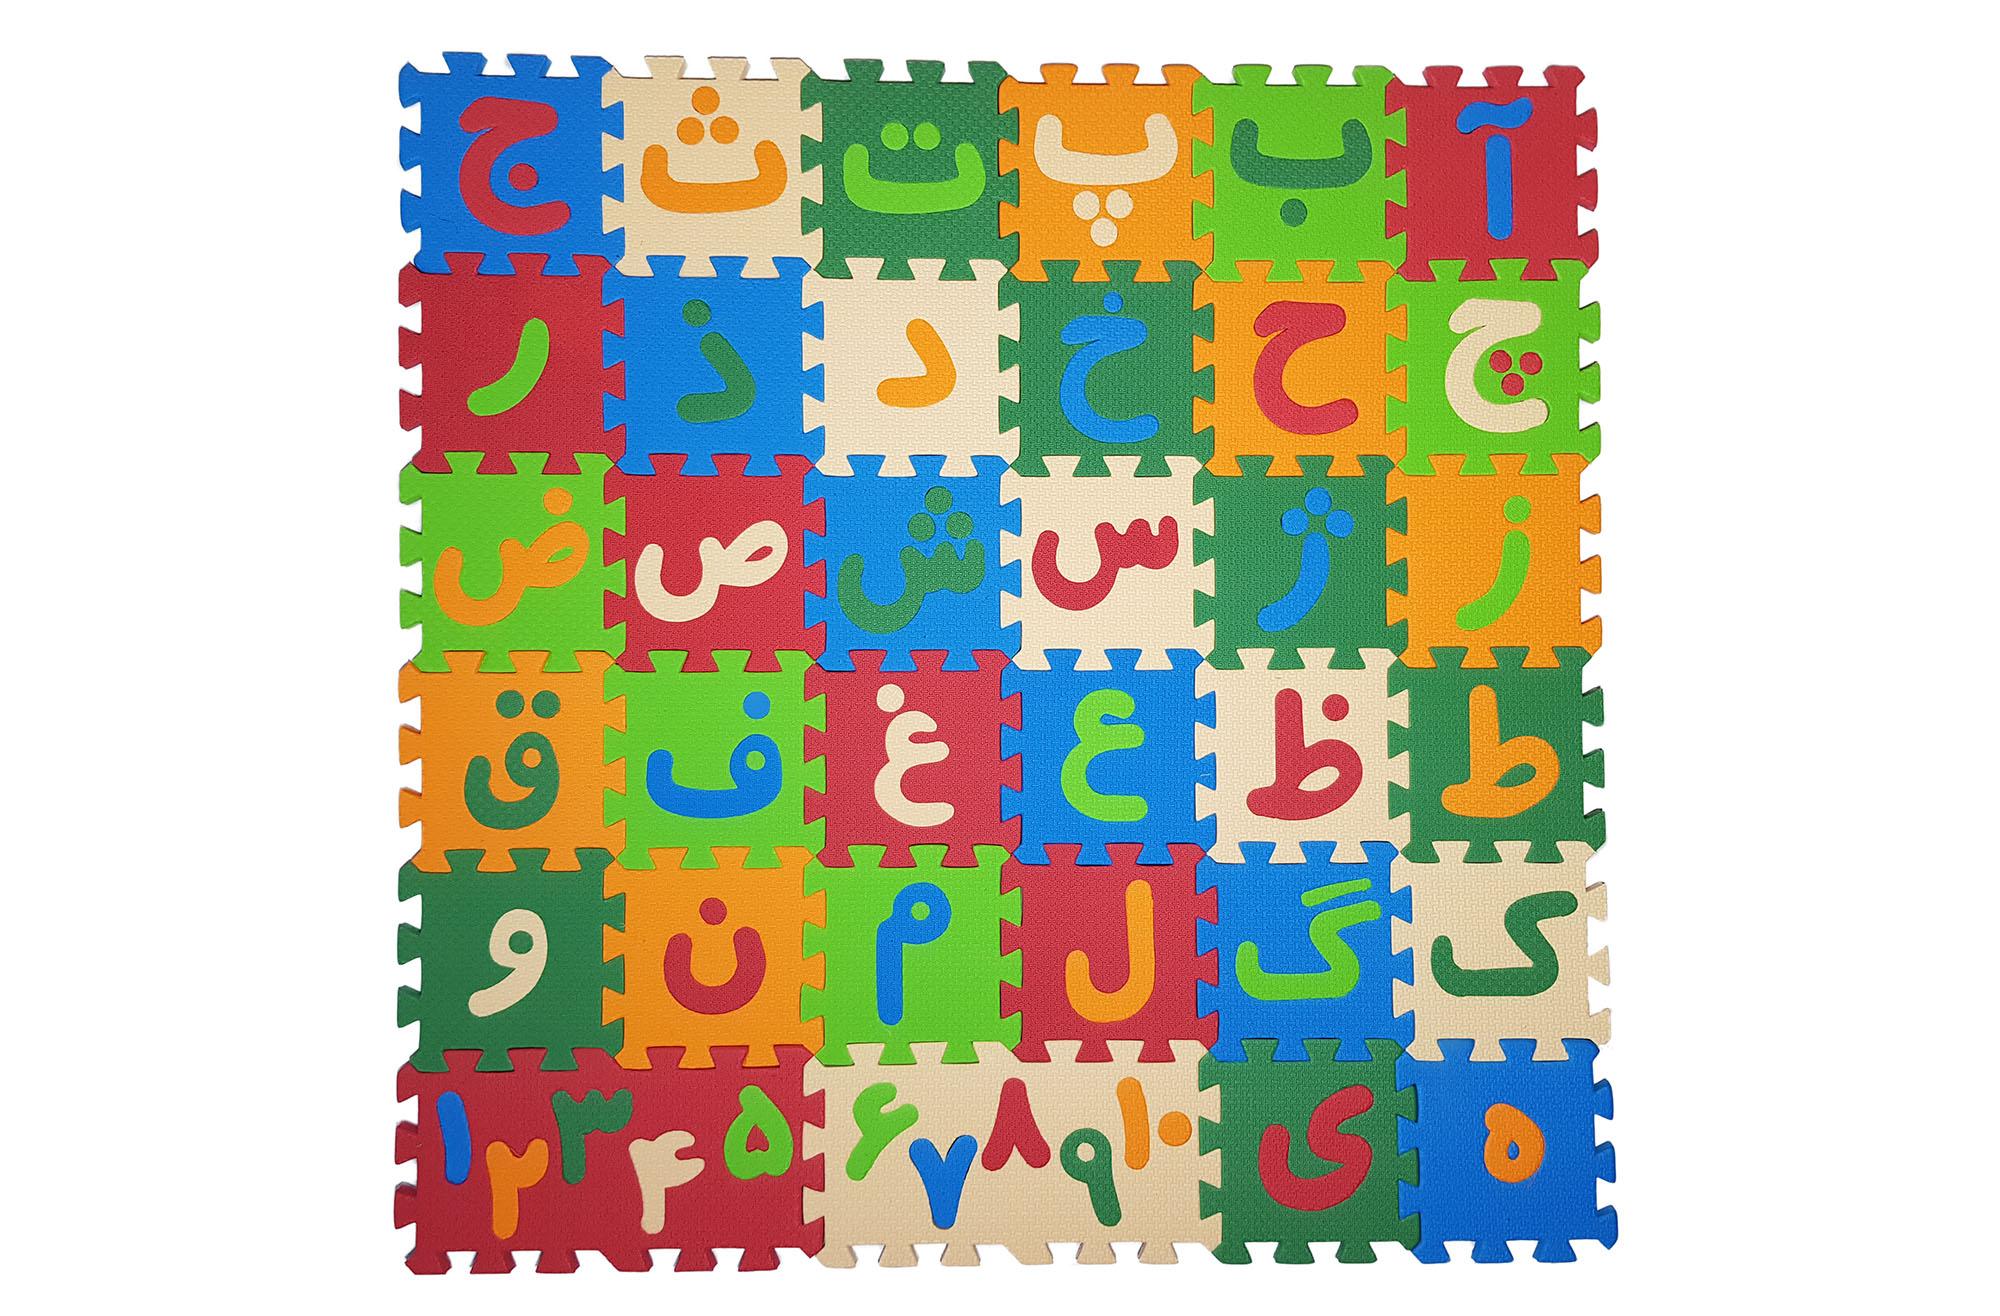 كفپوش-حروف-و-اعداد-فارسي-10-10-(فكرآفرين)-جعبه-اي-فومي